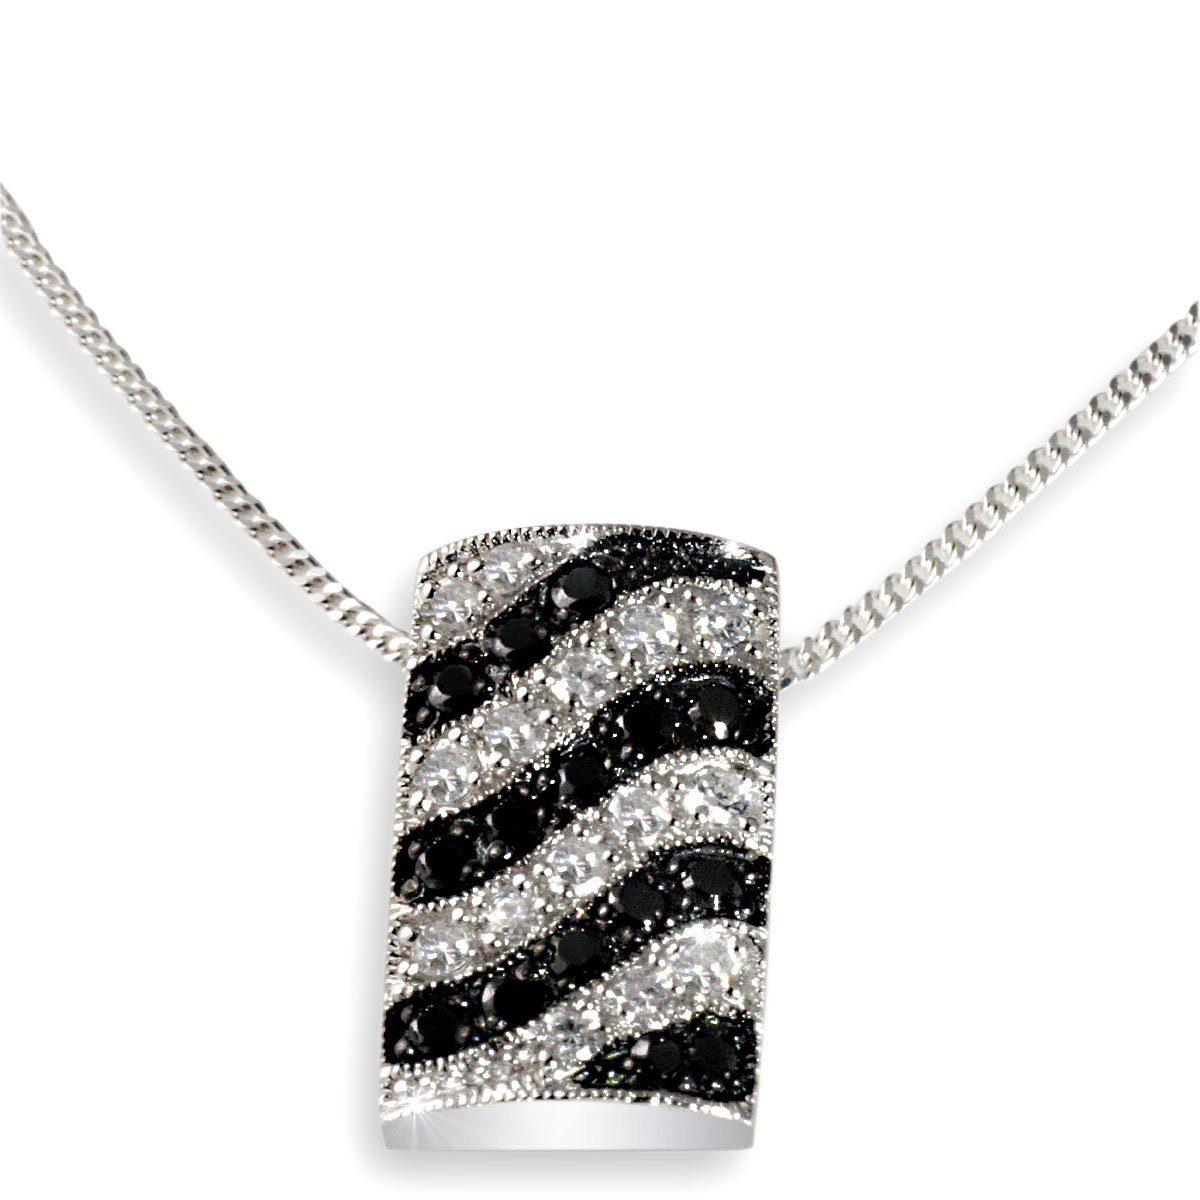 Averdin Collier Silber 925/- Anhänger schwarz weiße Zirkonia Wellenform